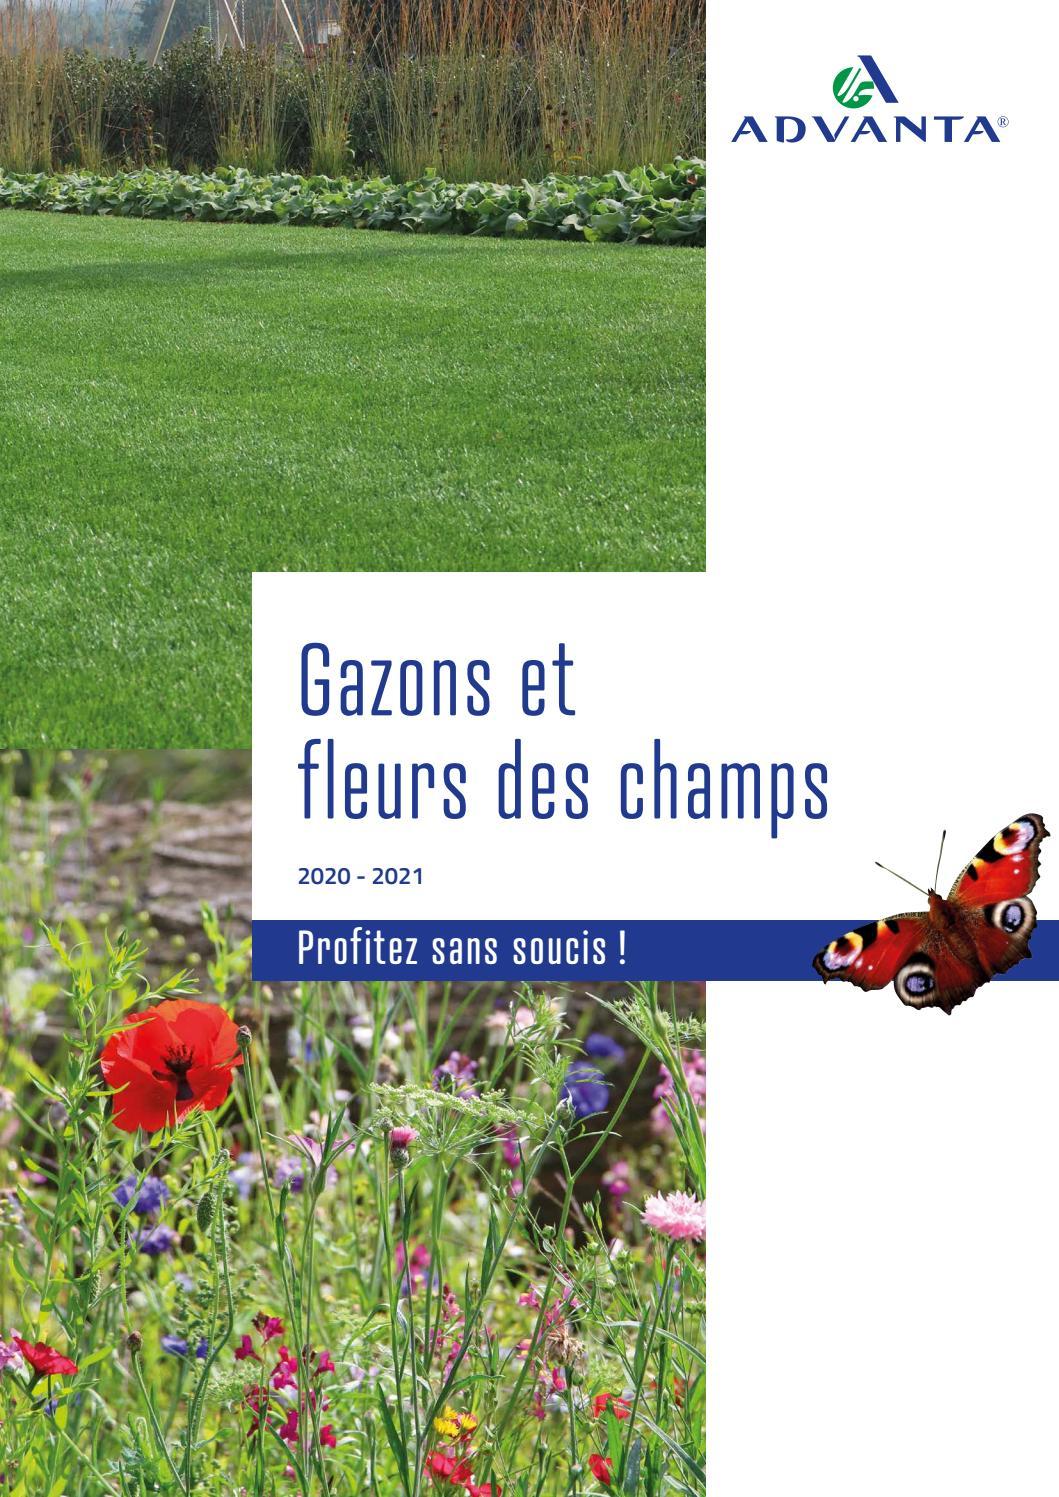 Graines De Fleurs Qui Poussent Très Vite catalogue des gazons advanta seedslg seeds belgium - issuu